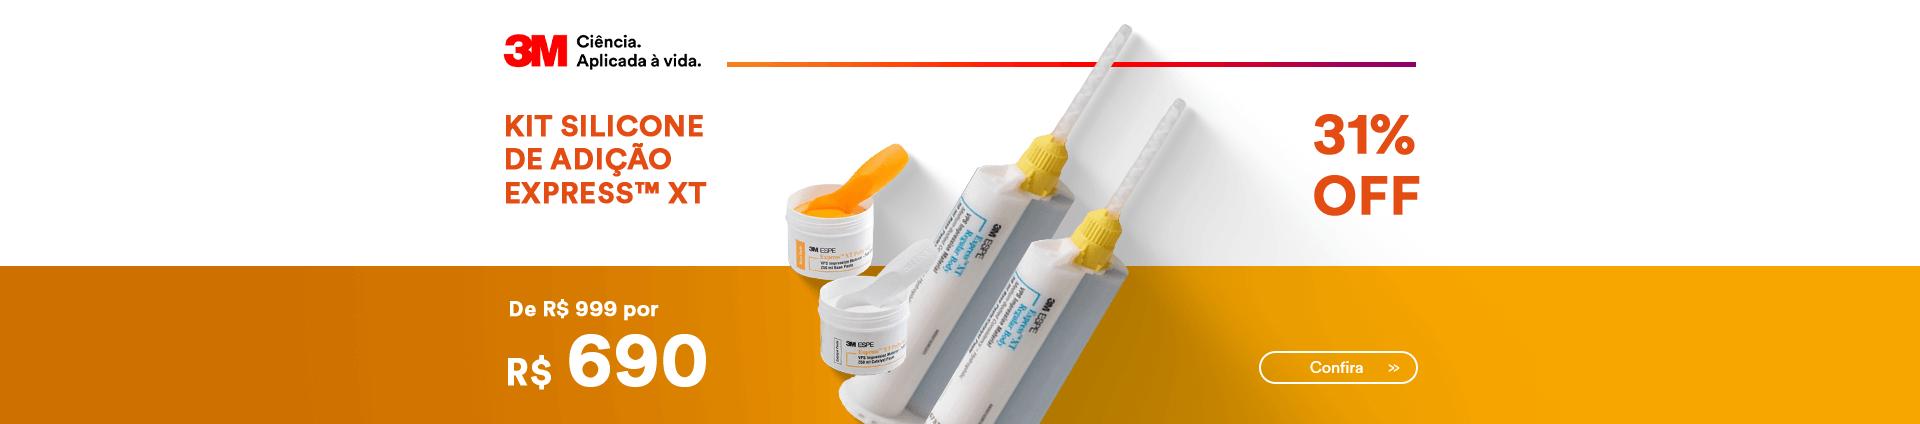 Kit Silicone de Adição Express 3M com 31% OFF e Frete Grátis | Dental Cremer